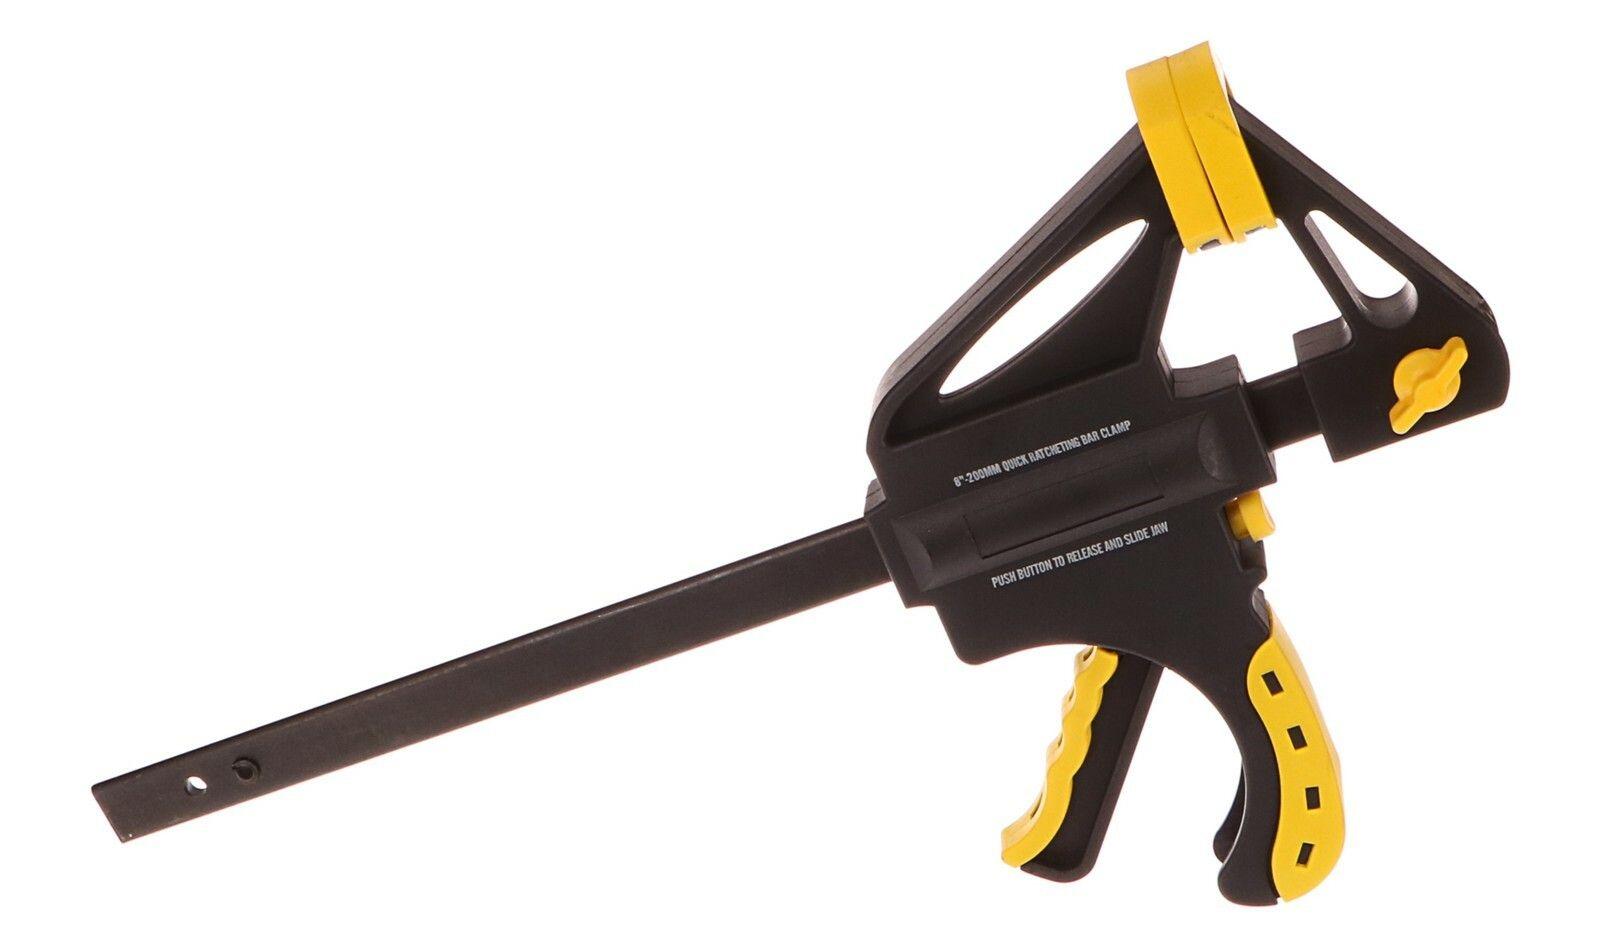 Svěrka rychloupínací HEAVY DUTY, 200mm EXTOL-CRAFT